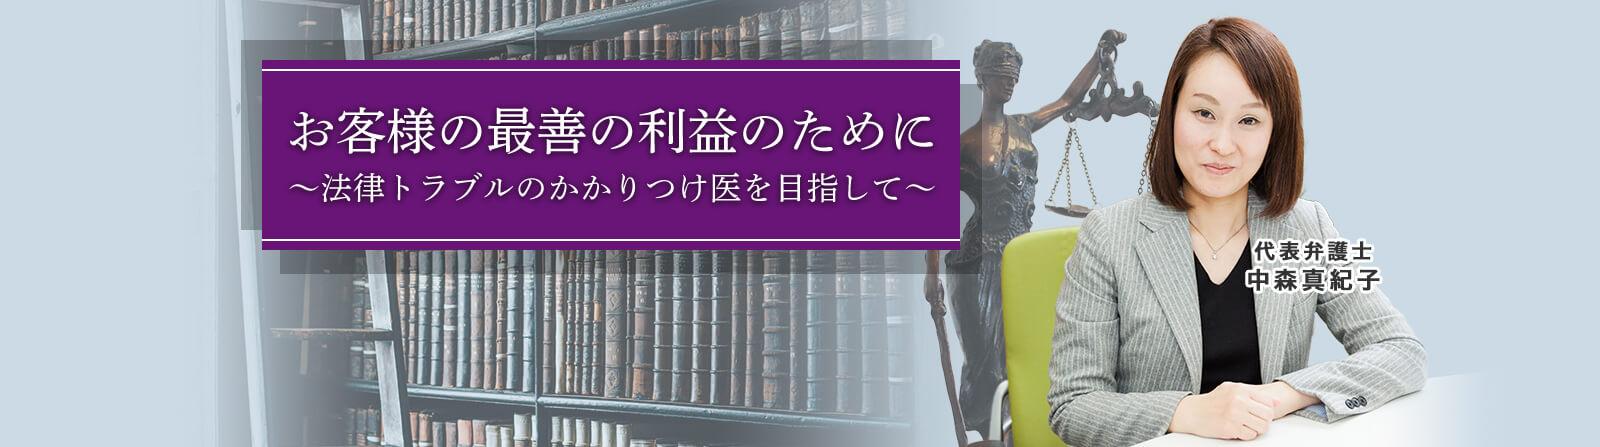 お客様の最善の利益のために~法律トラブルのかかりつけ医を目指して~ 代表弁護士 中森真紀子